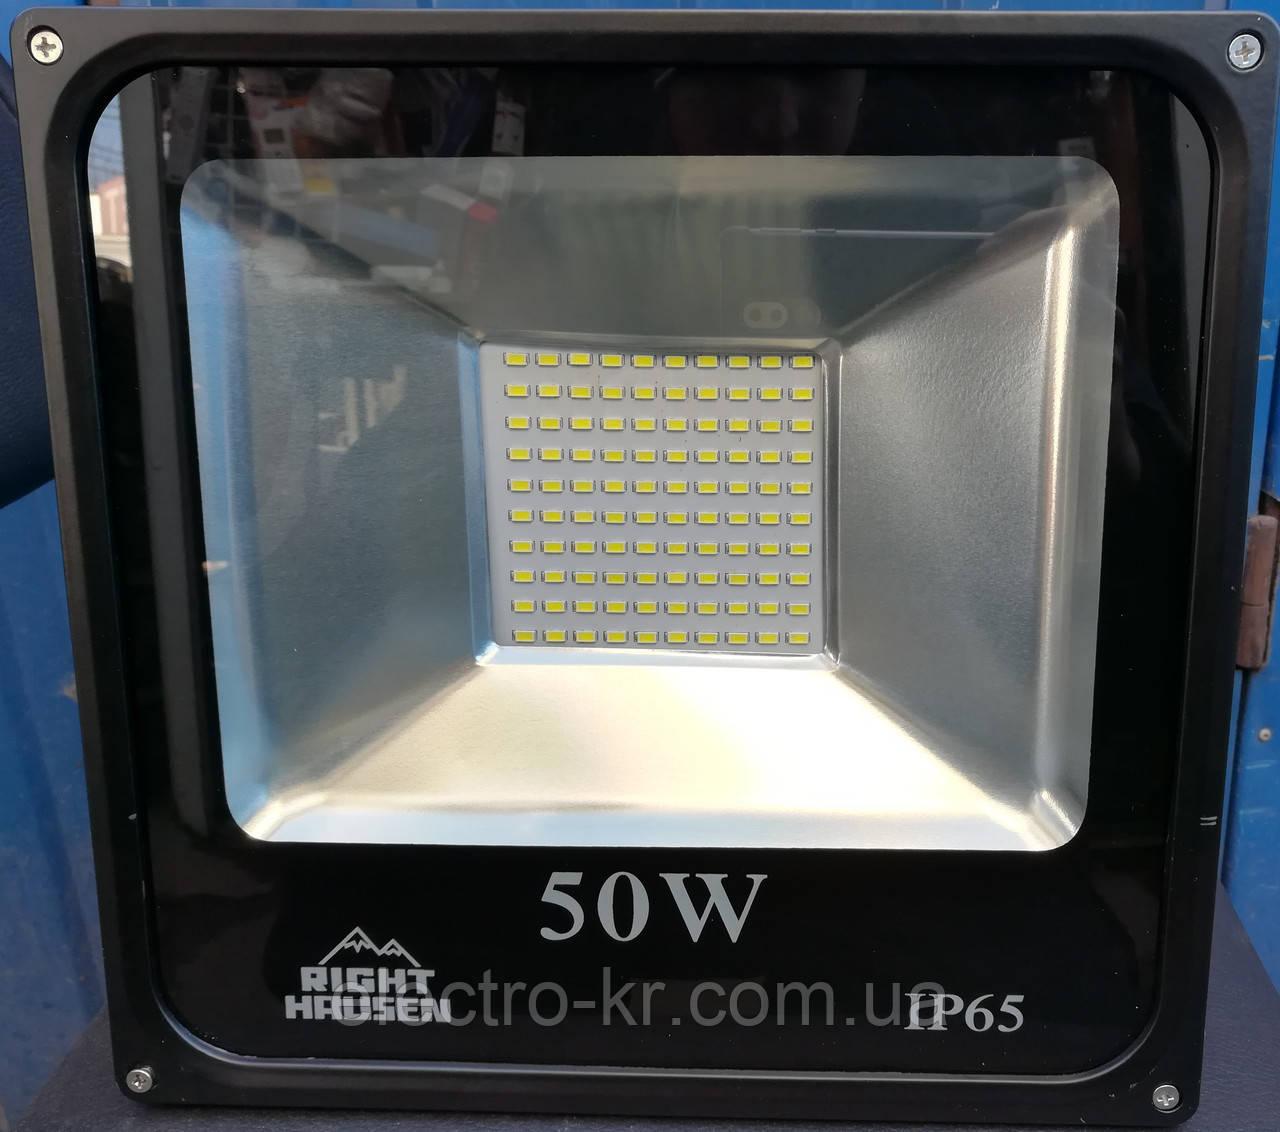 Прожектор світлодіодний RIGHT HAUSEN LED 50W 4500 Lm 6500K IP65 чорний